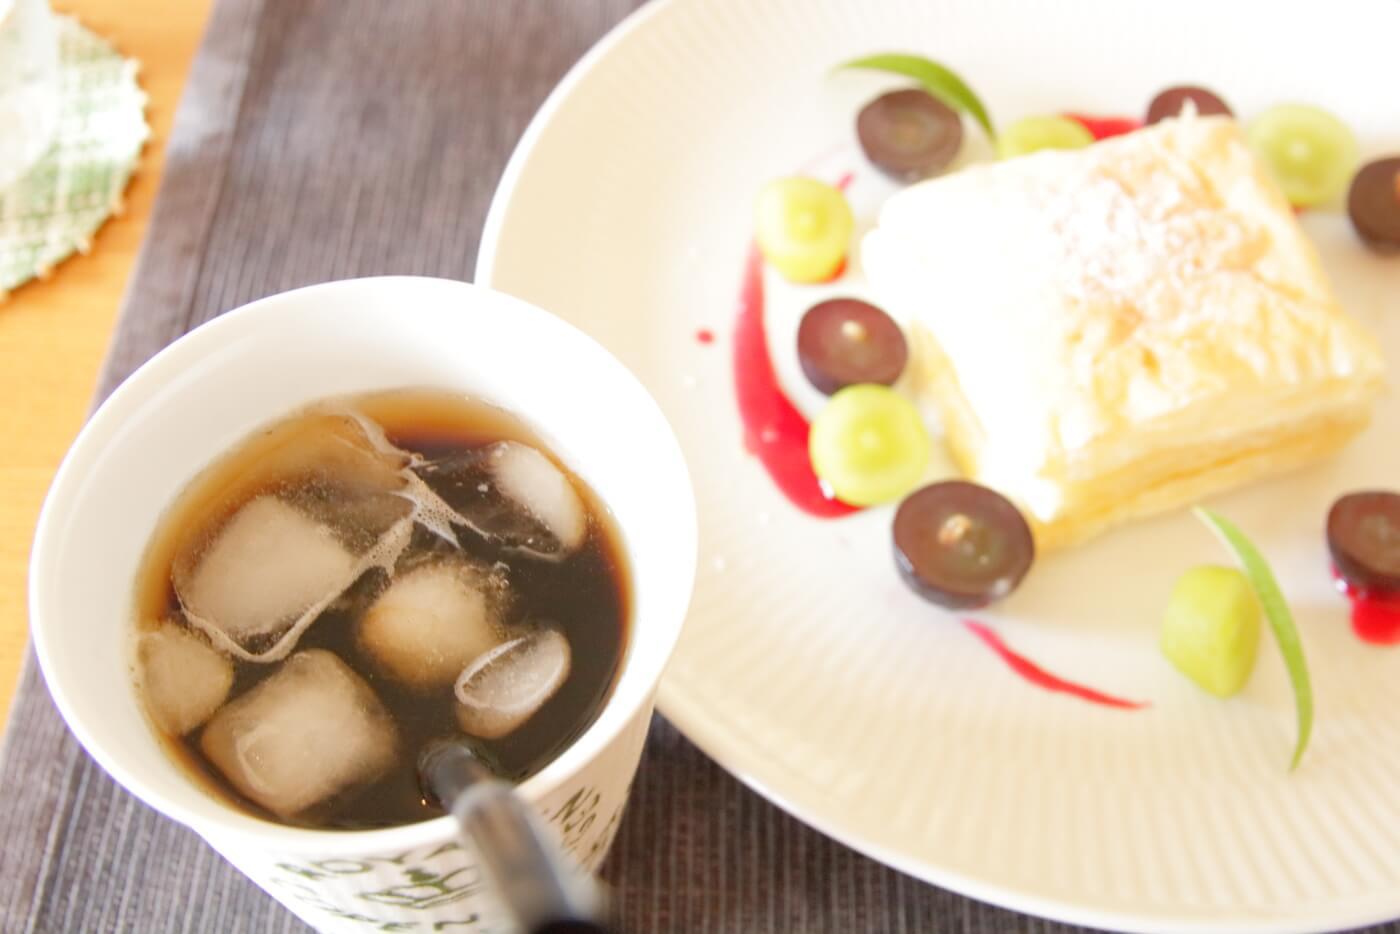 クッチーナ・サクラのランチ デザートのスイーツとアイスコーヒー